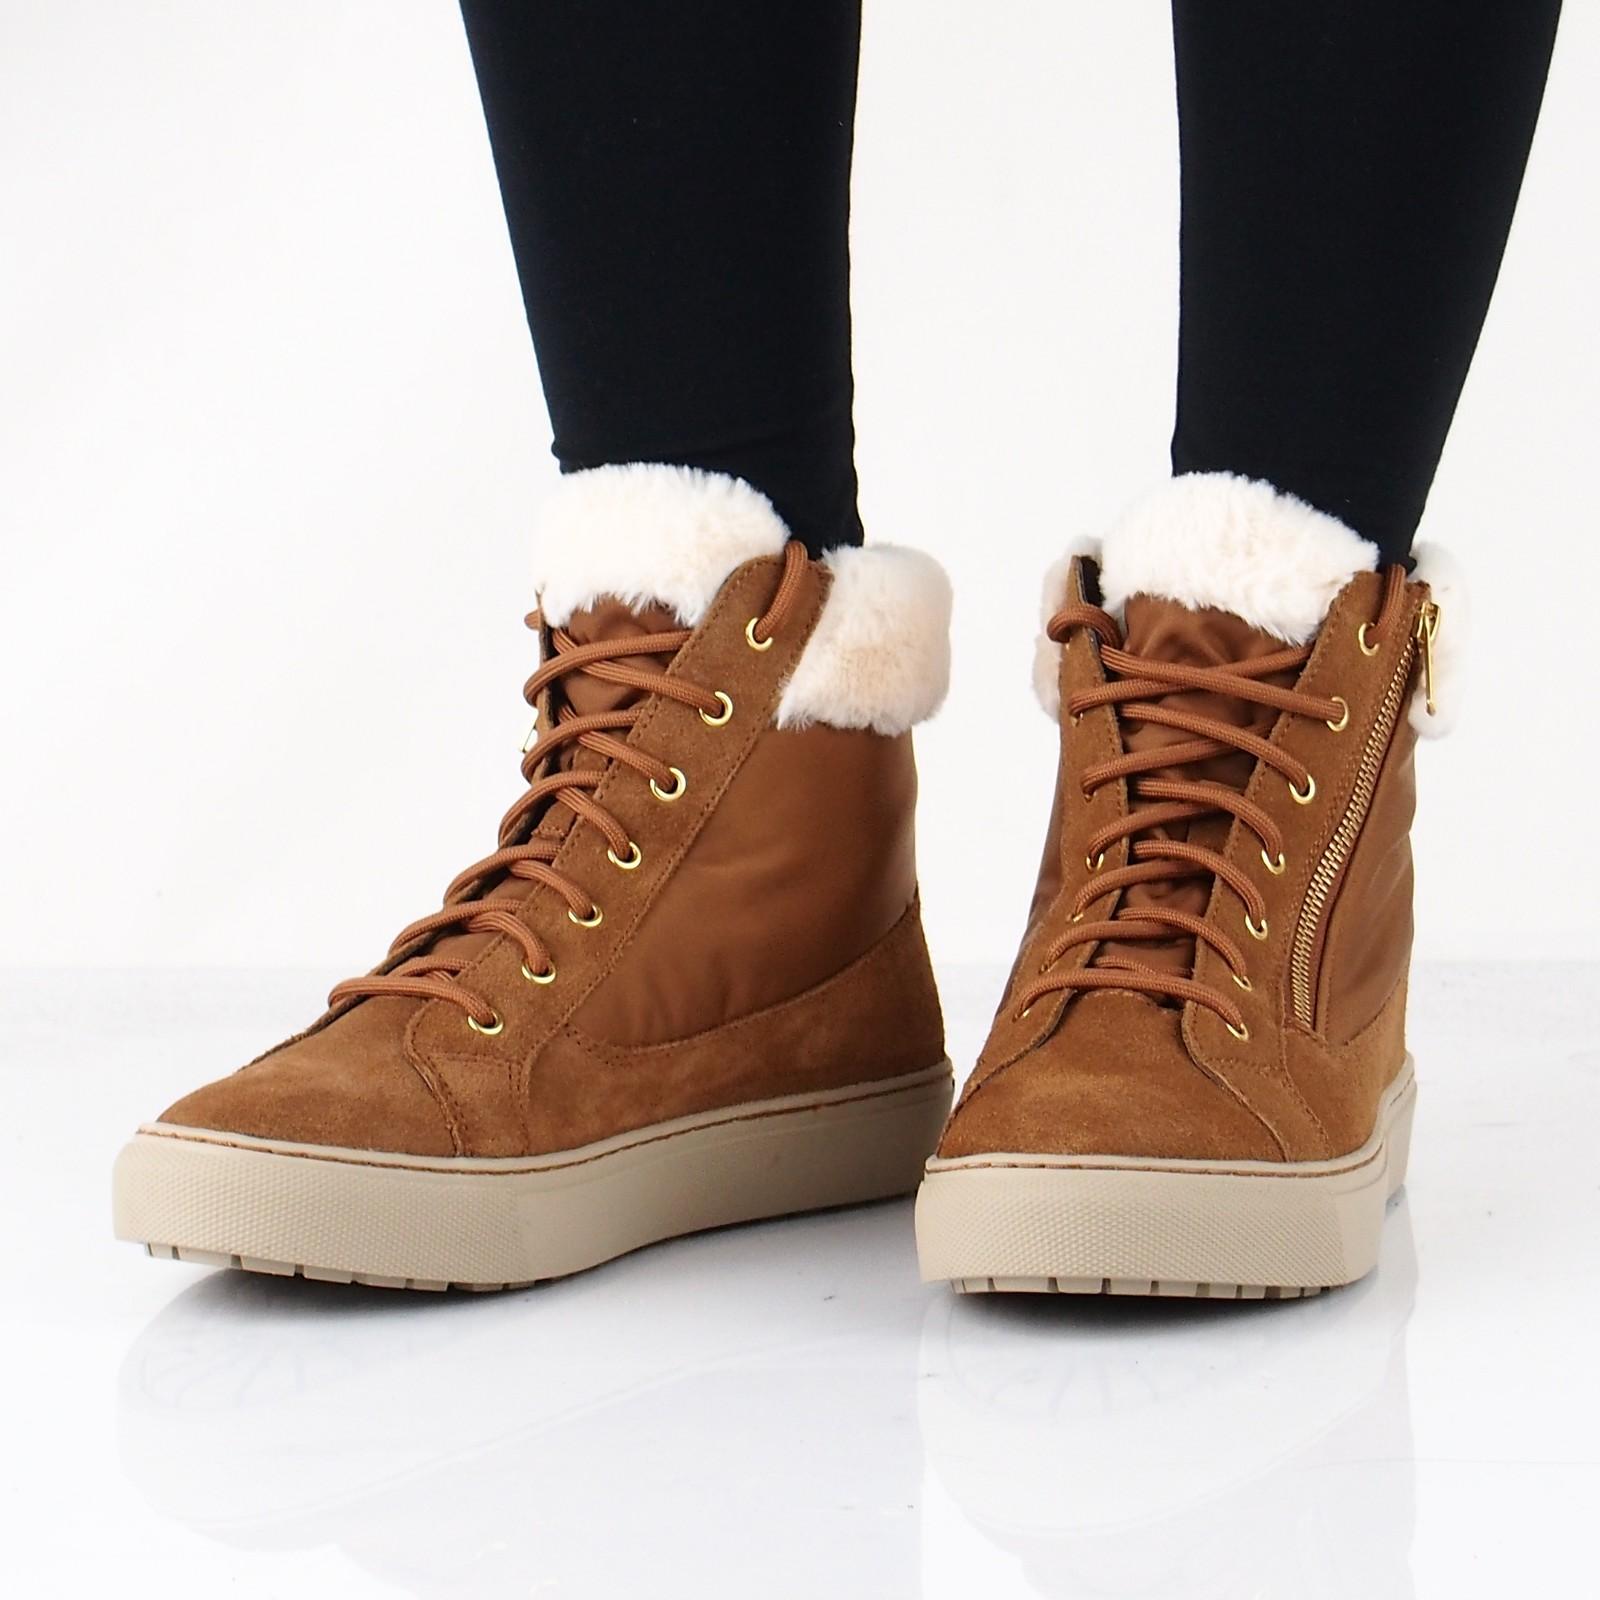 Skechers dámské stylové kotníkové tenisky - hnědé